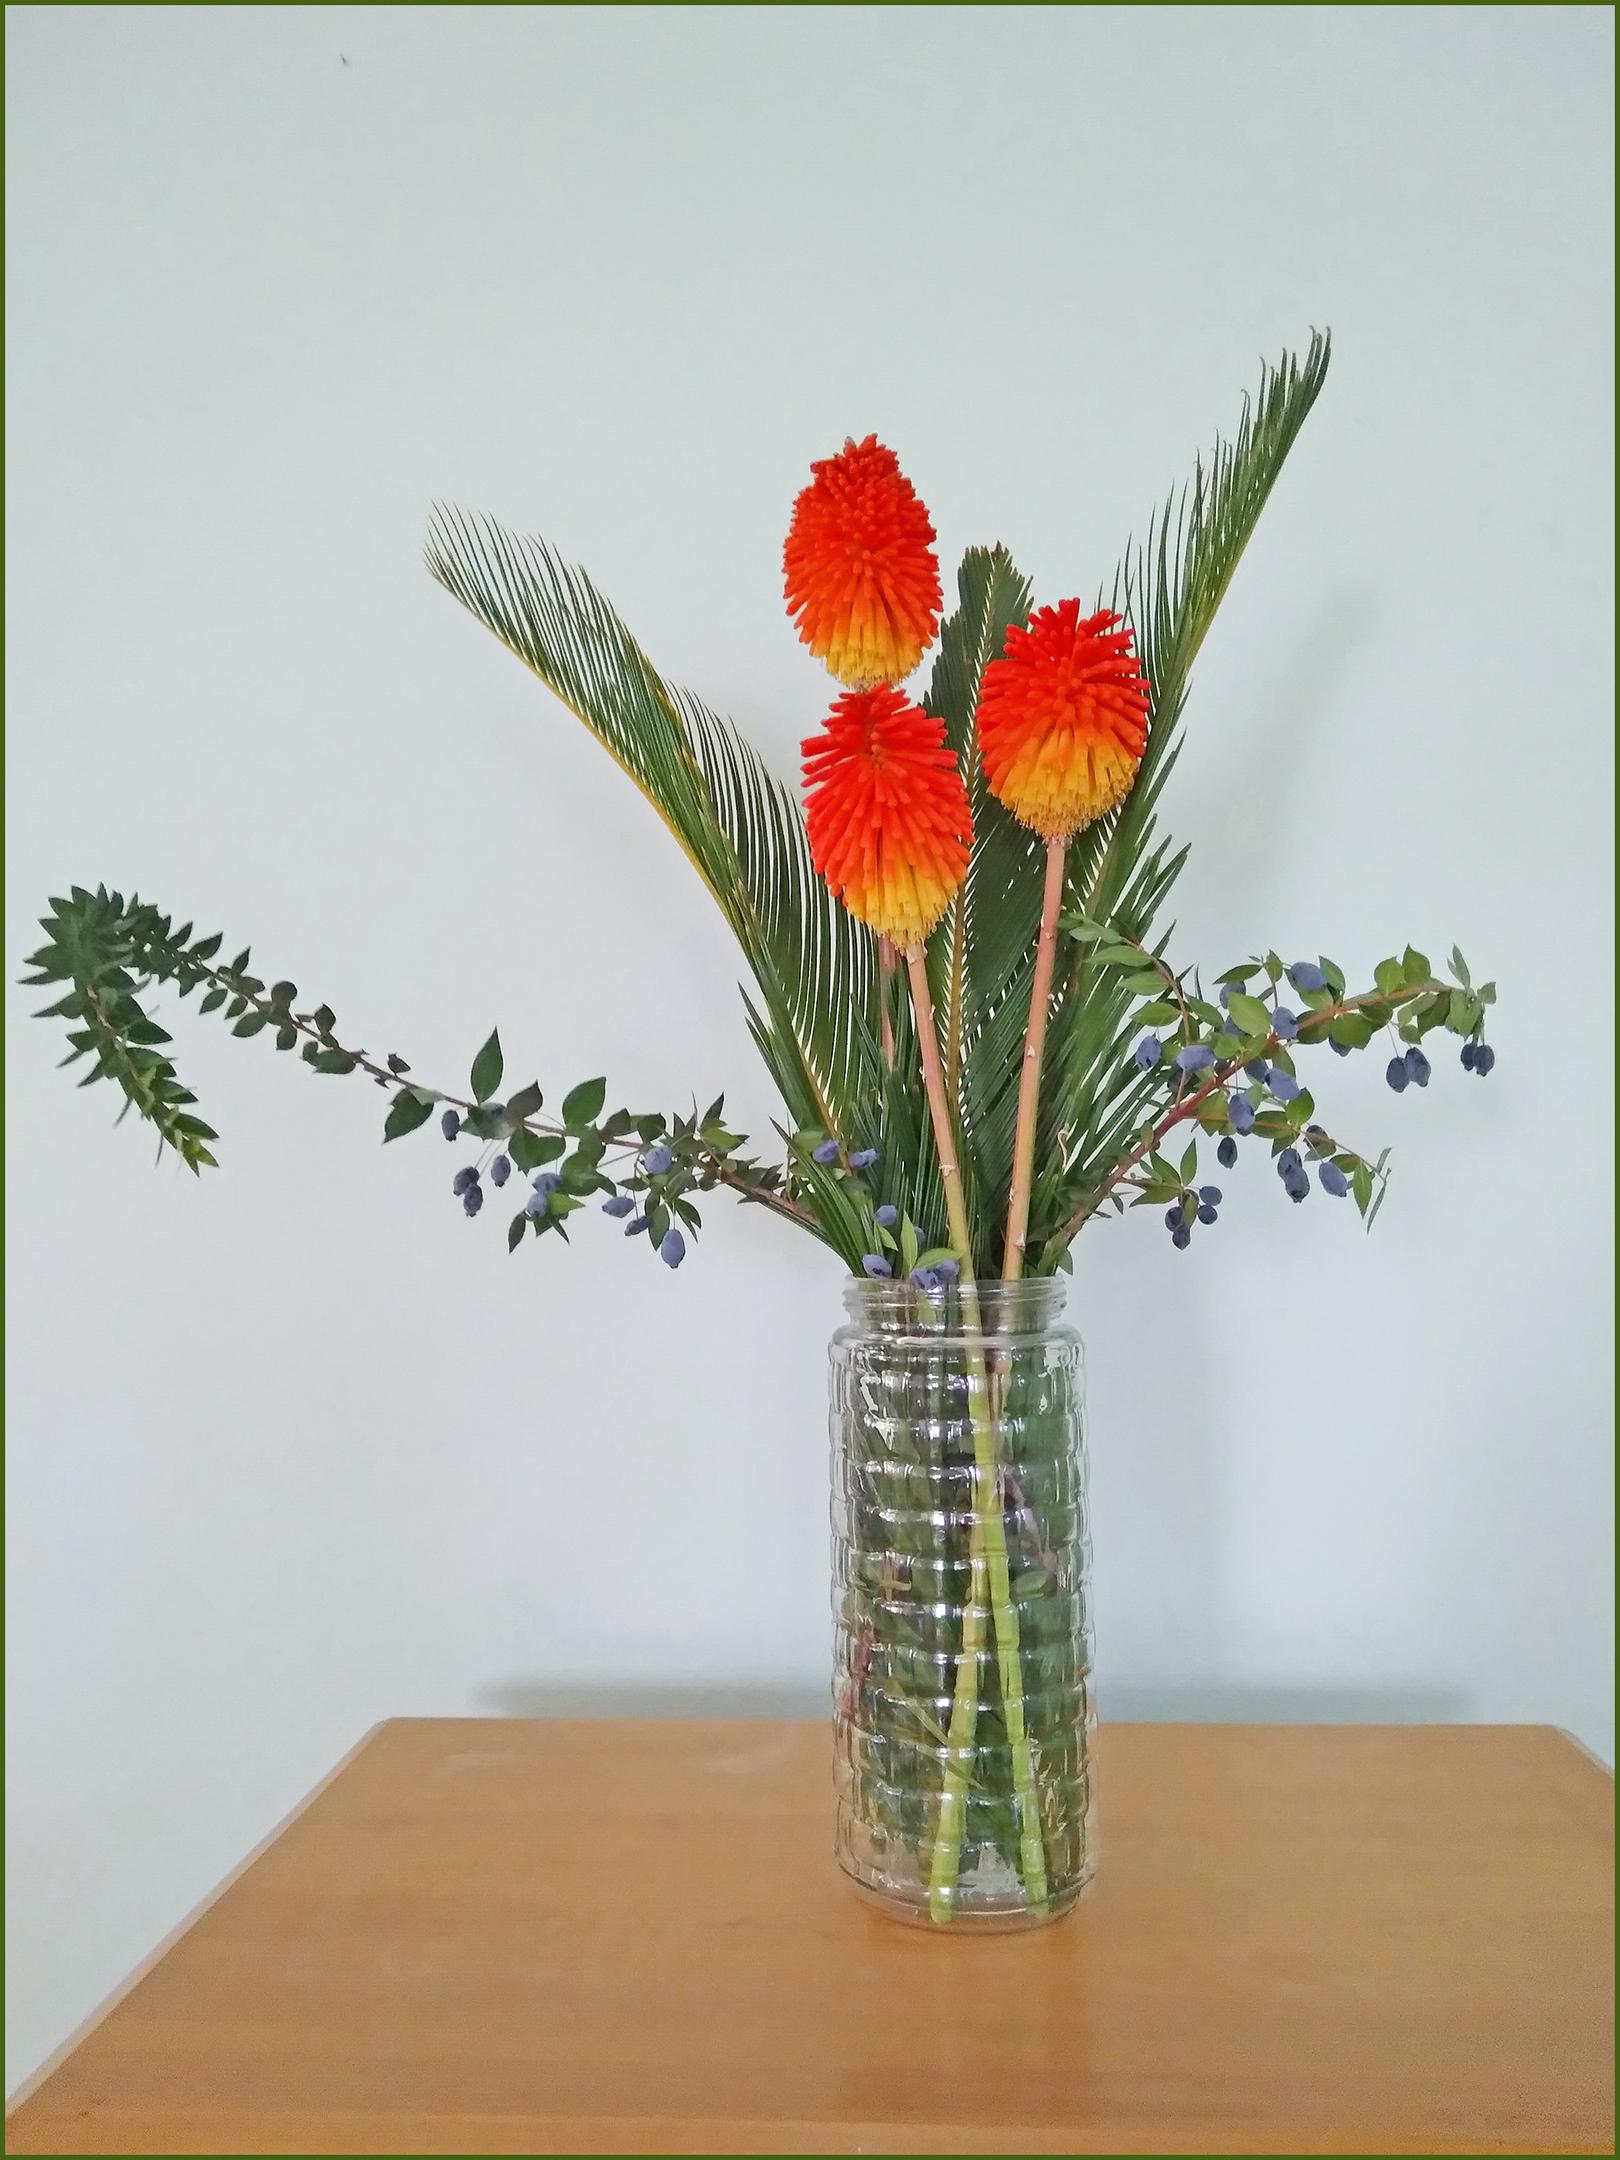 Floral Arrangement Contest - Contestant